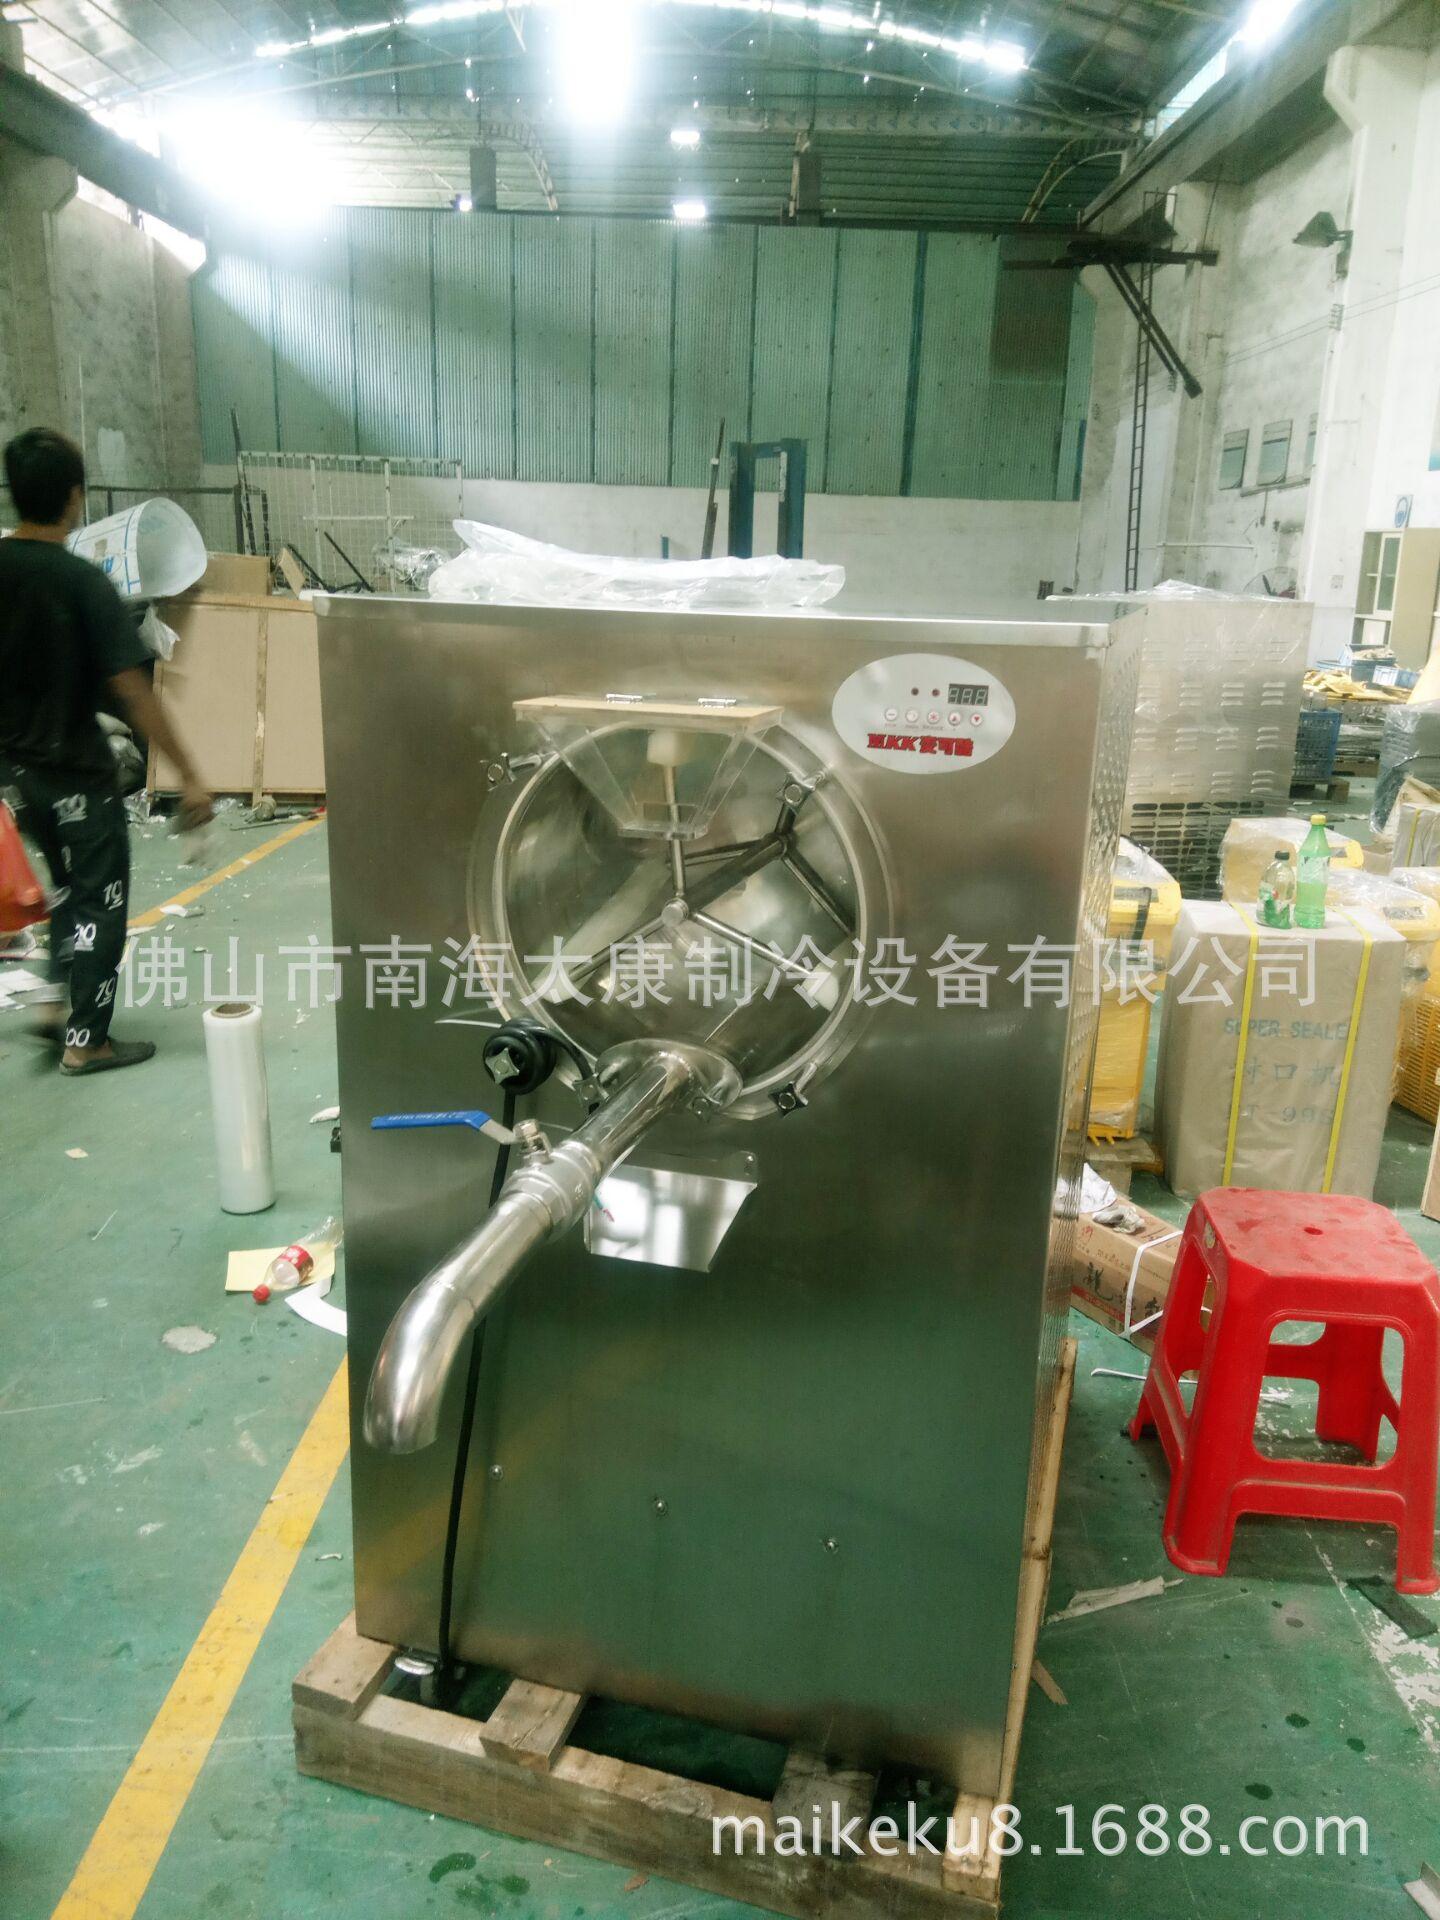 湖南长沙绿豆沙冰生产线设备供应 鲜芋仙沙冰机绿豆冰沙机直销